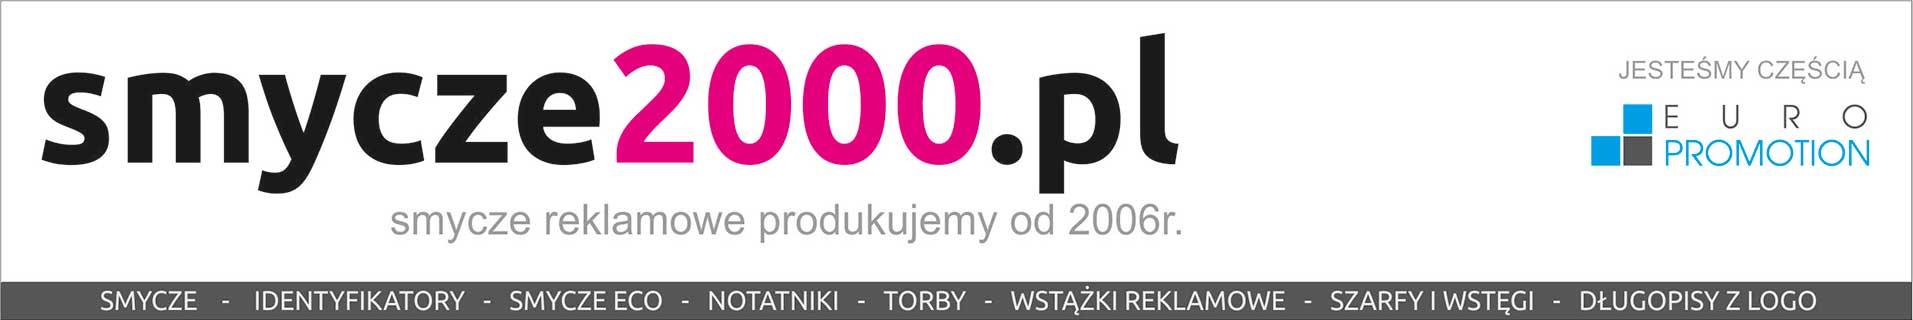 Smycze2000.pl Smycze reklamowe